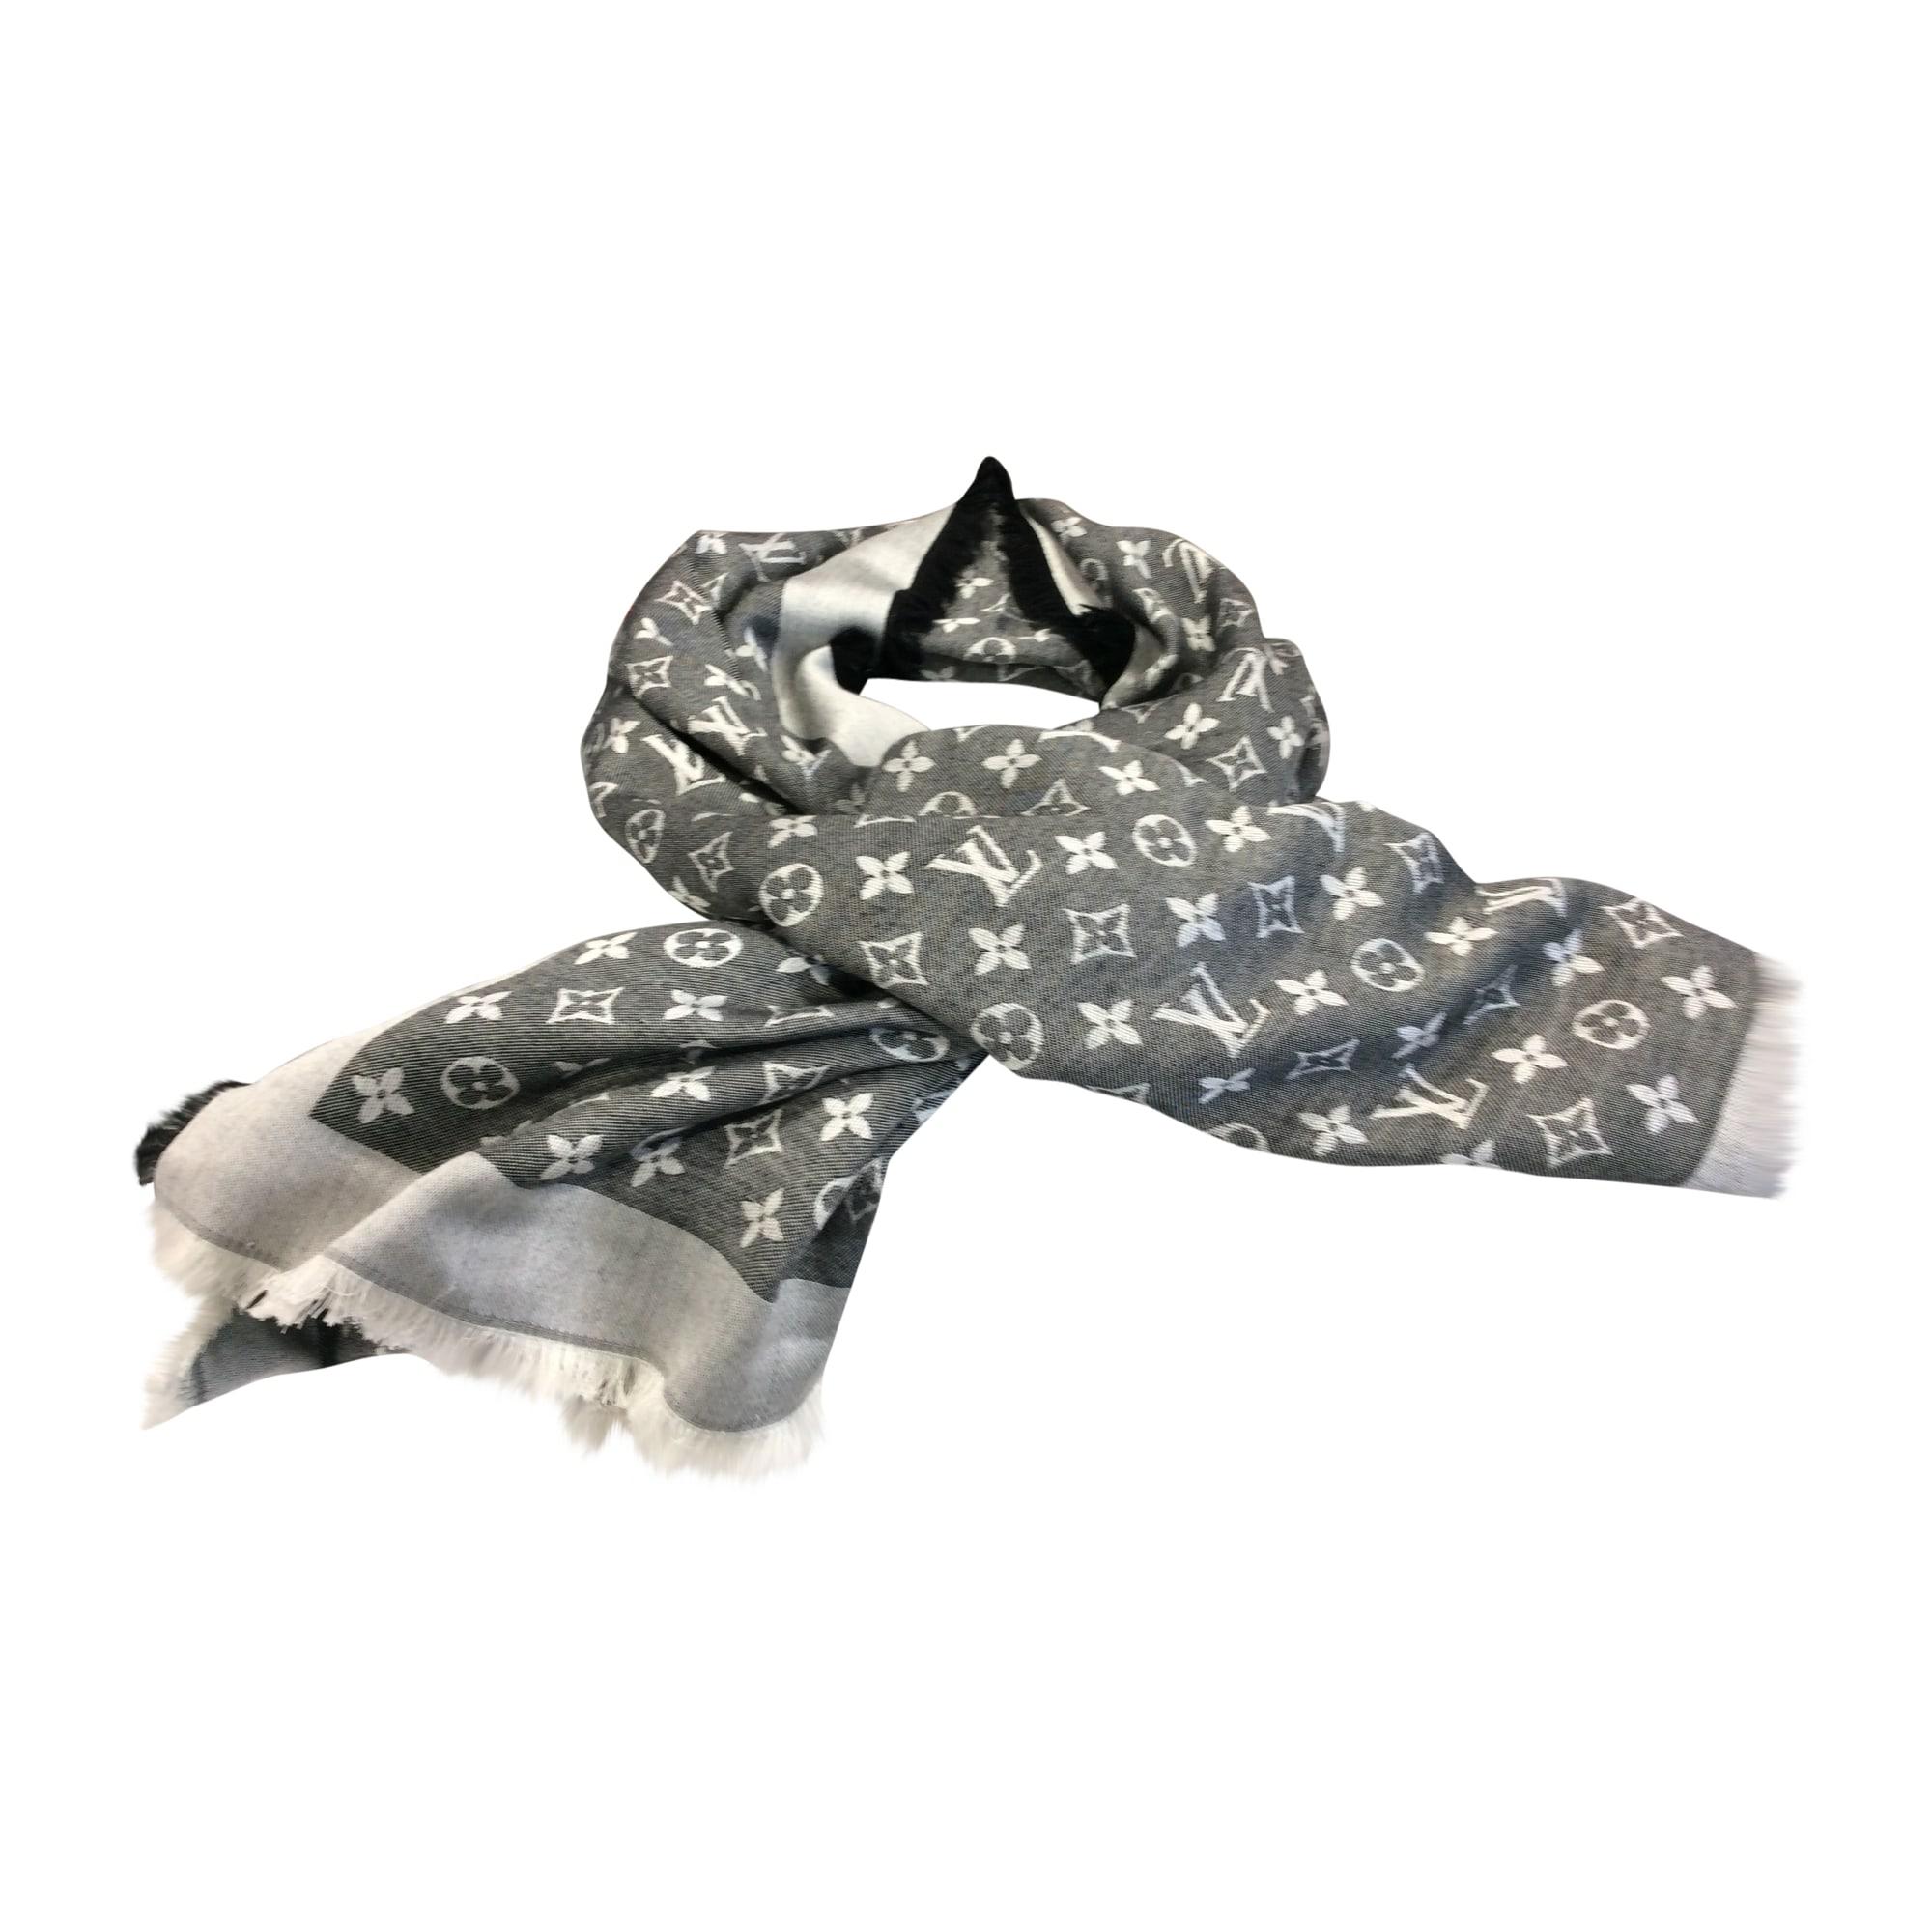 Echarpe LOUIS VUITTON gris vendu par Christian p165156 - 7607125 e14e82052c8